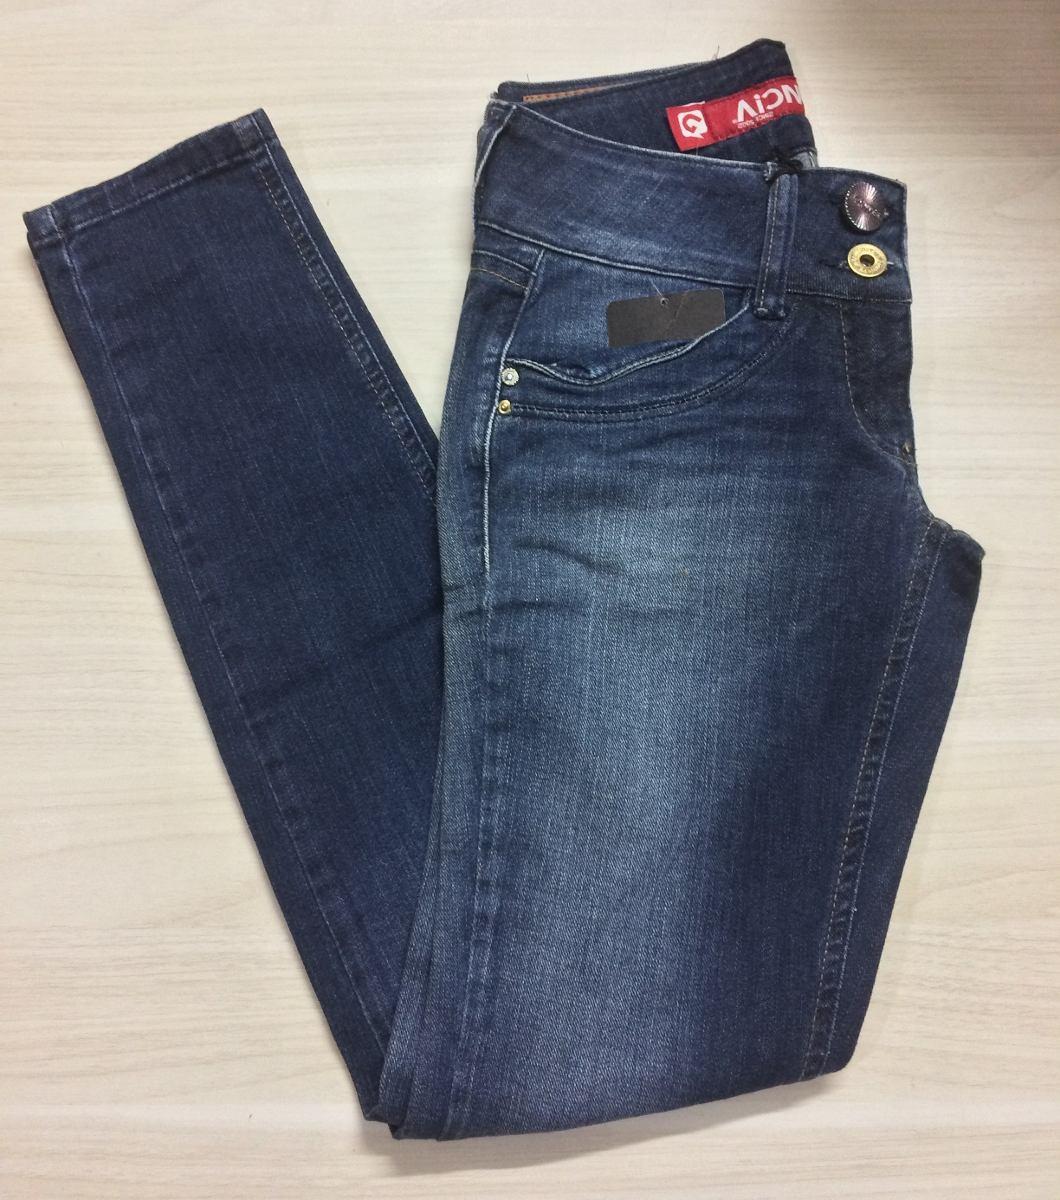 ae567045d calça jeans feminina marca denuncia tam. 38 cigarrete skinny. Carregando  zoom.